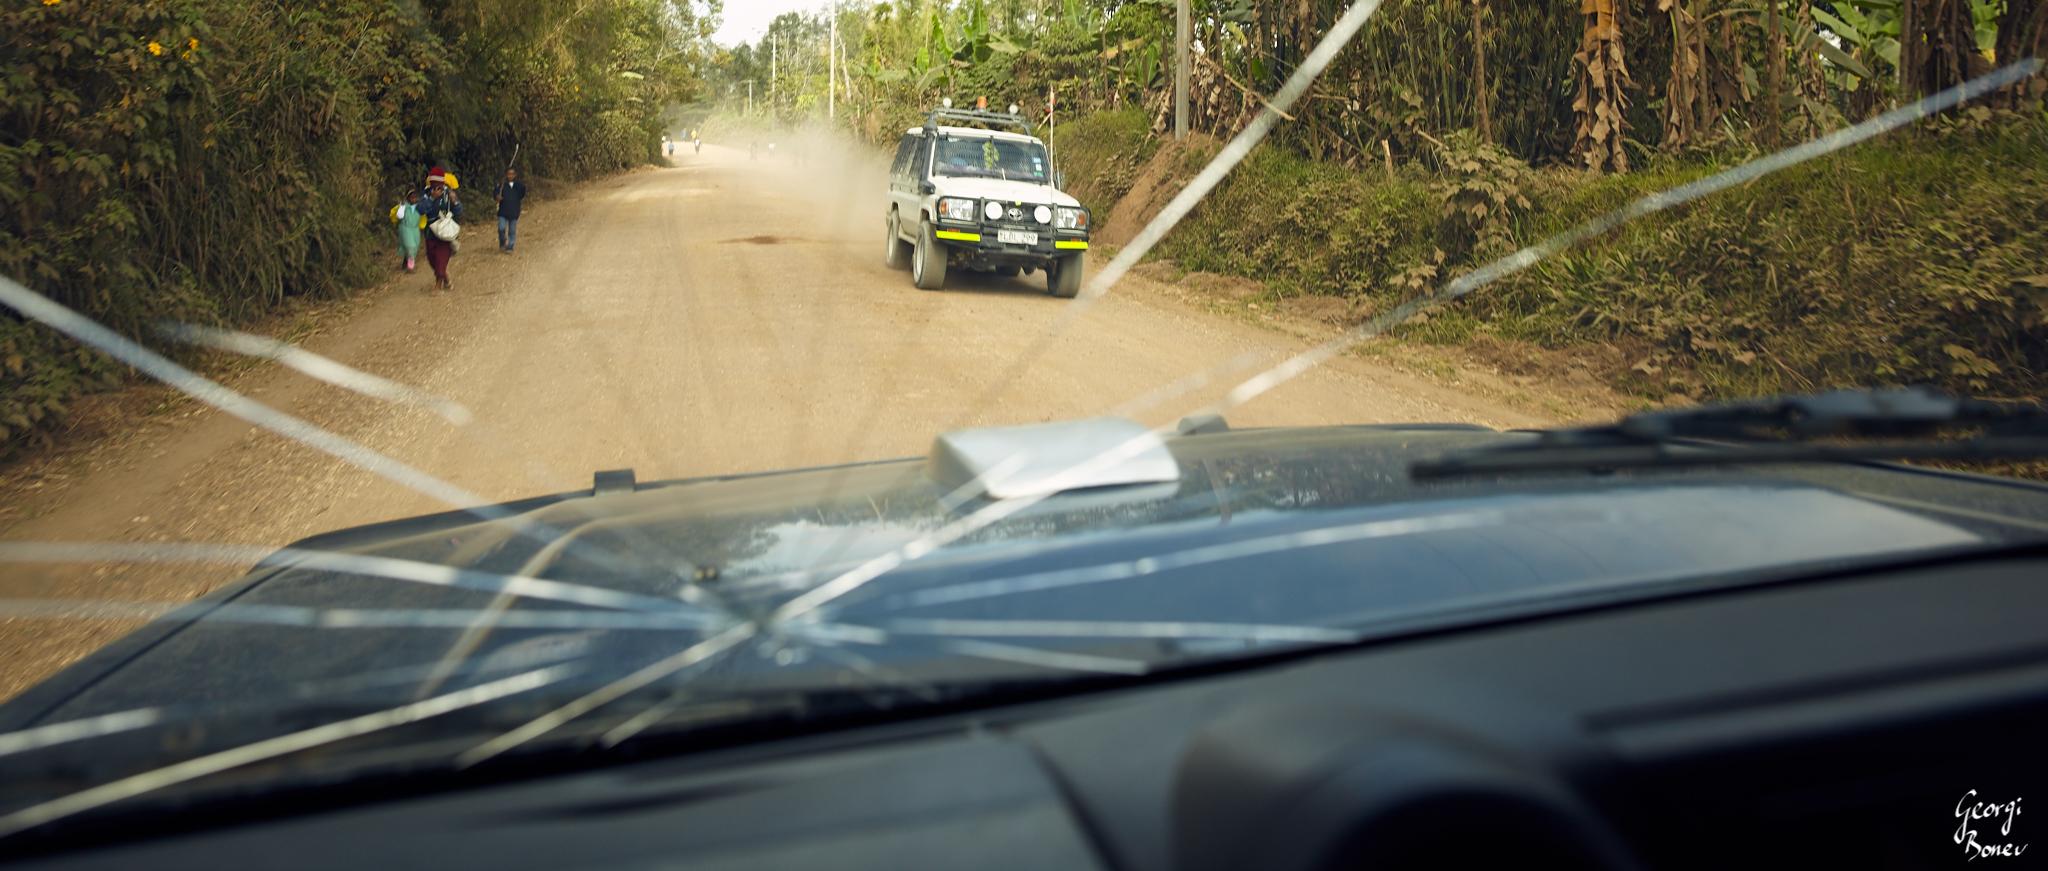 On the way to Koroba, PNG